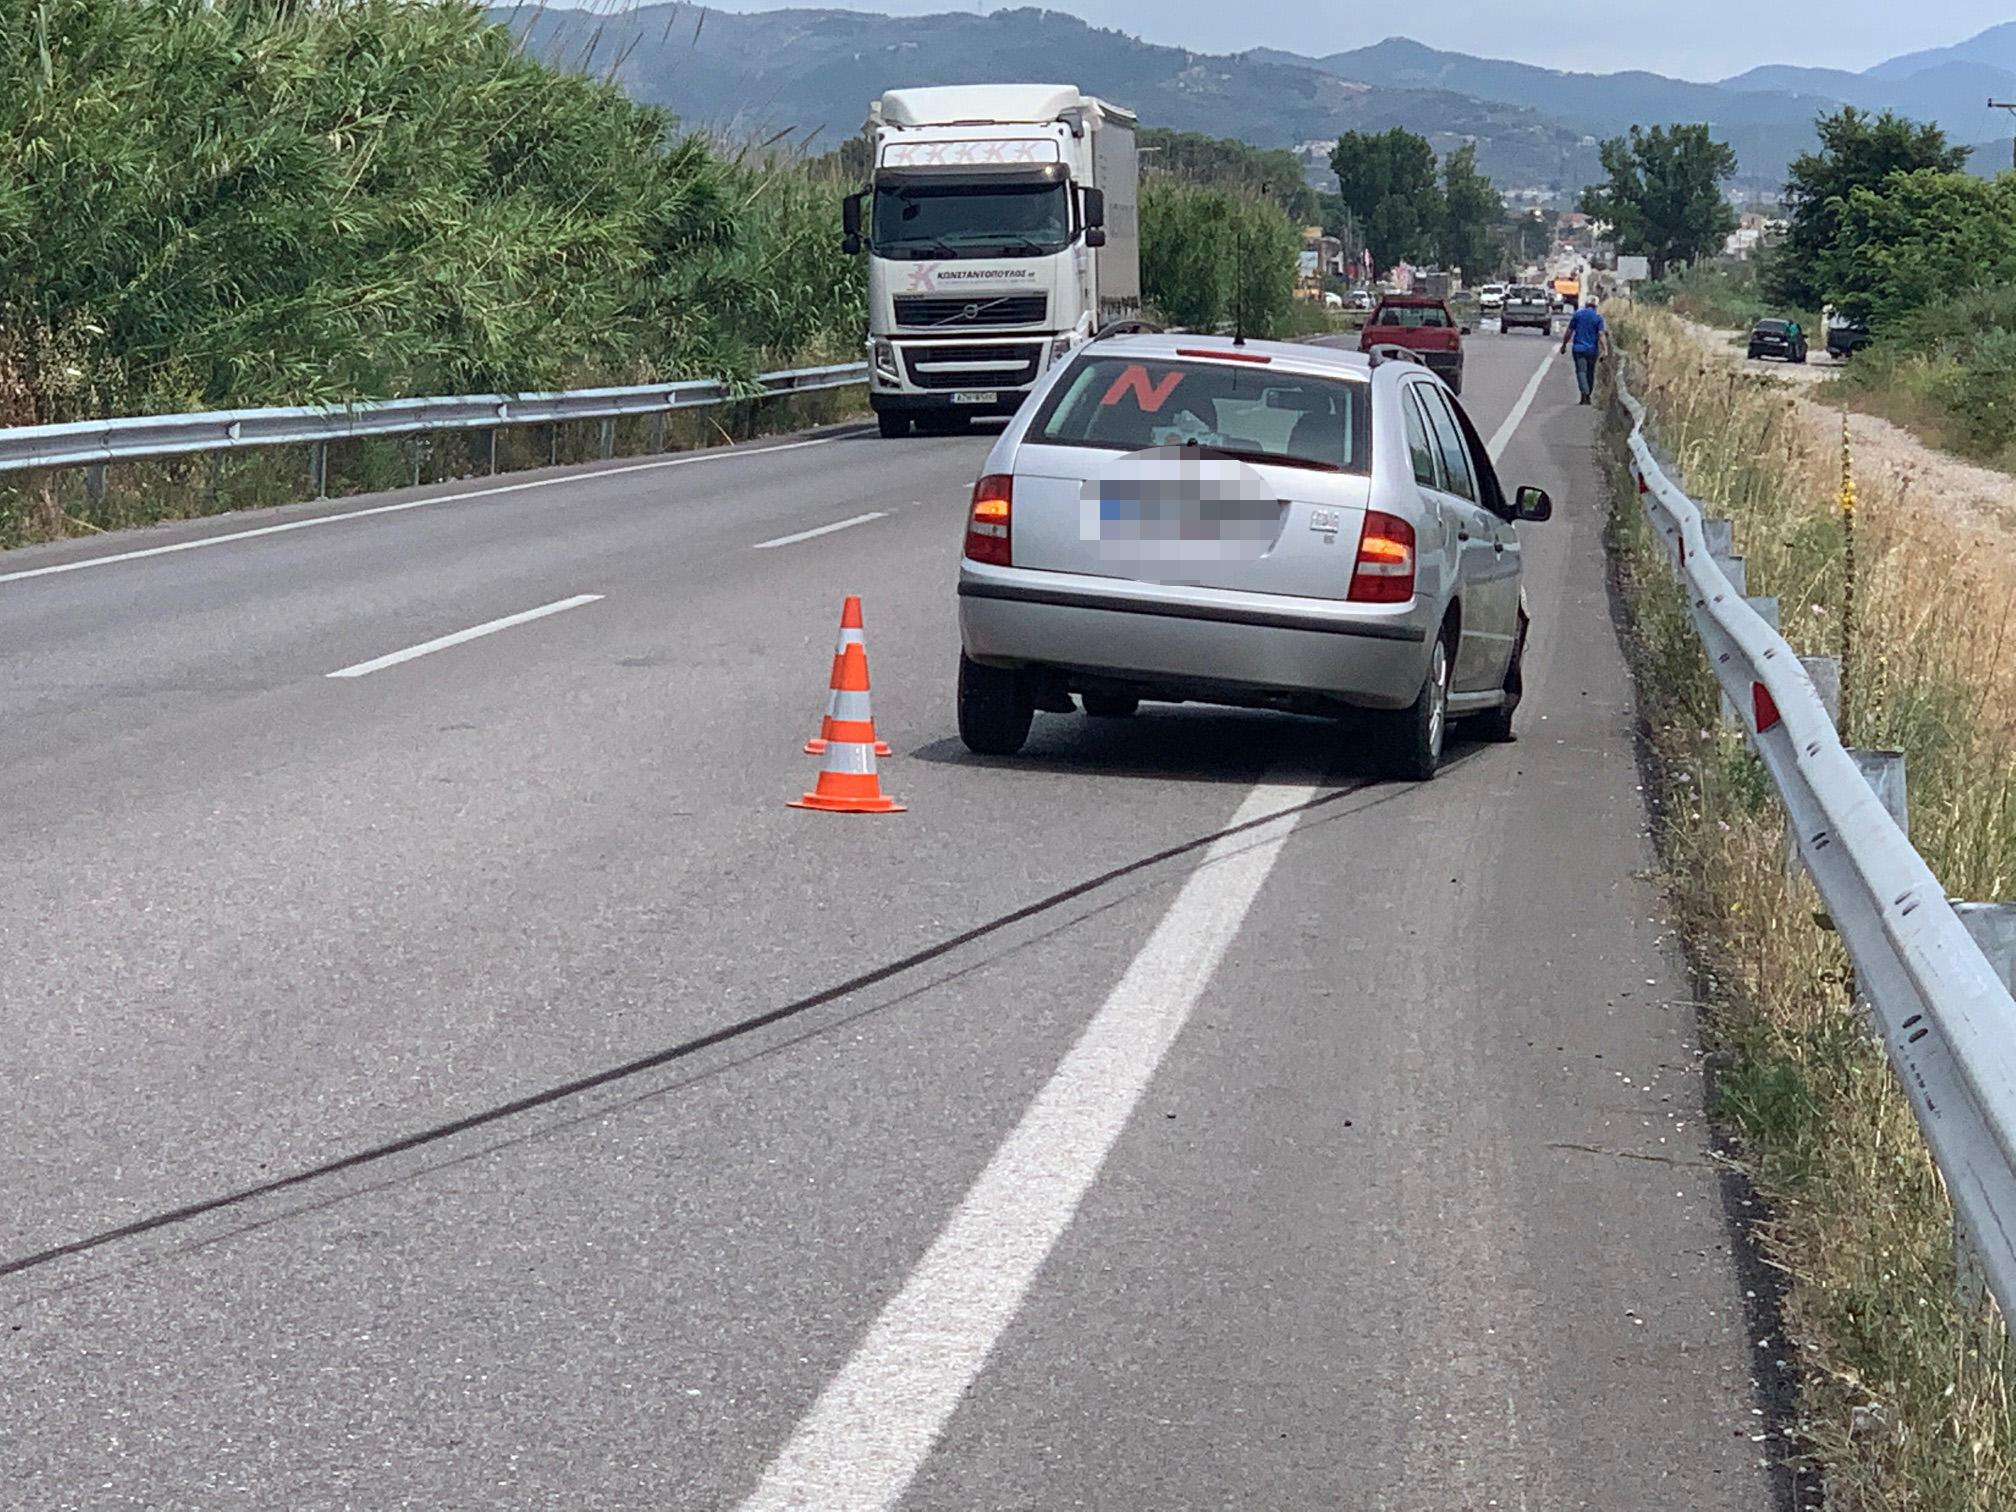 Αγρίνιο: Ένα ακόμη τροχαίο στην εθνική οδό